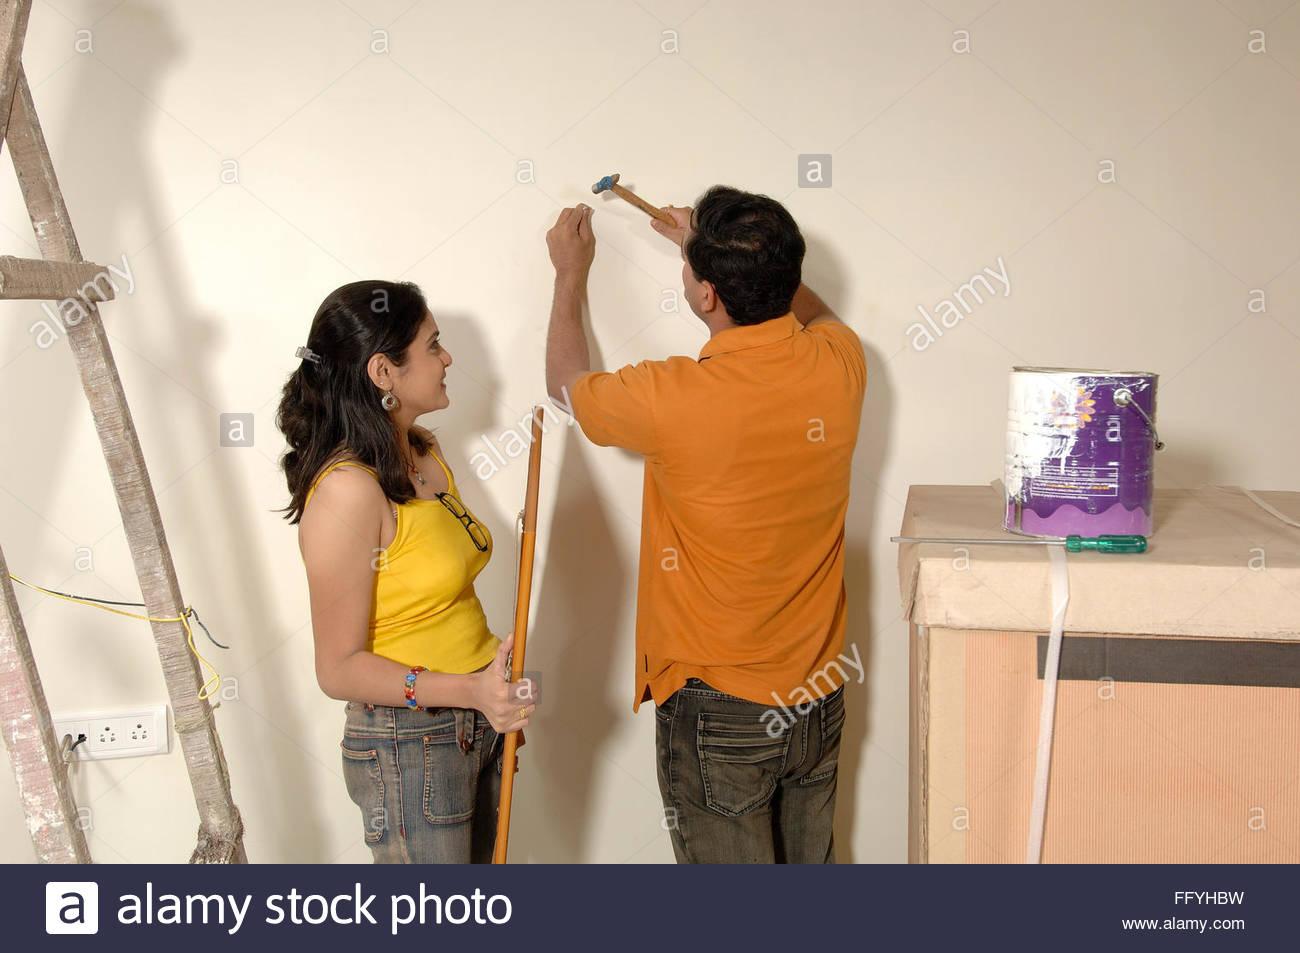 South Asian indischen Mann Hämmern Nagel auf Wand und Frau mit ...